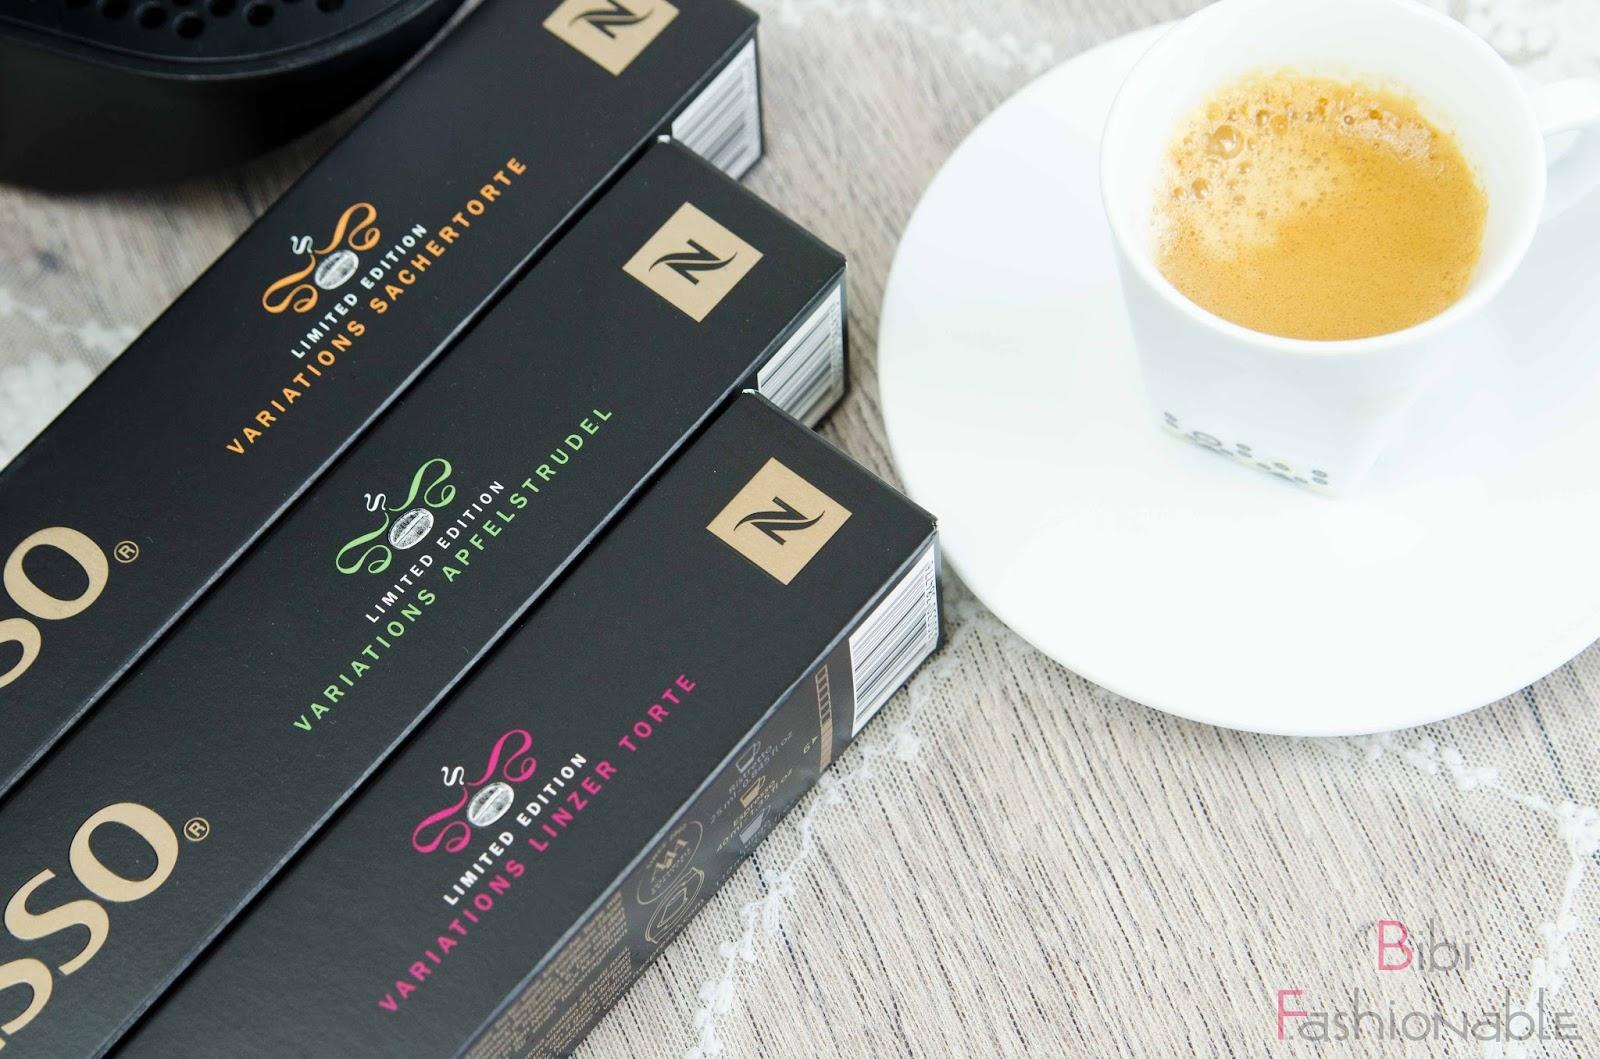 Nespresso 2016 PURE Espresso Tasse Variations oben